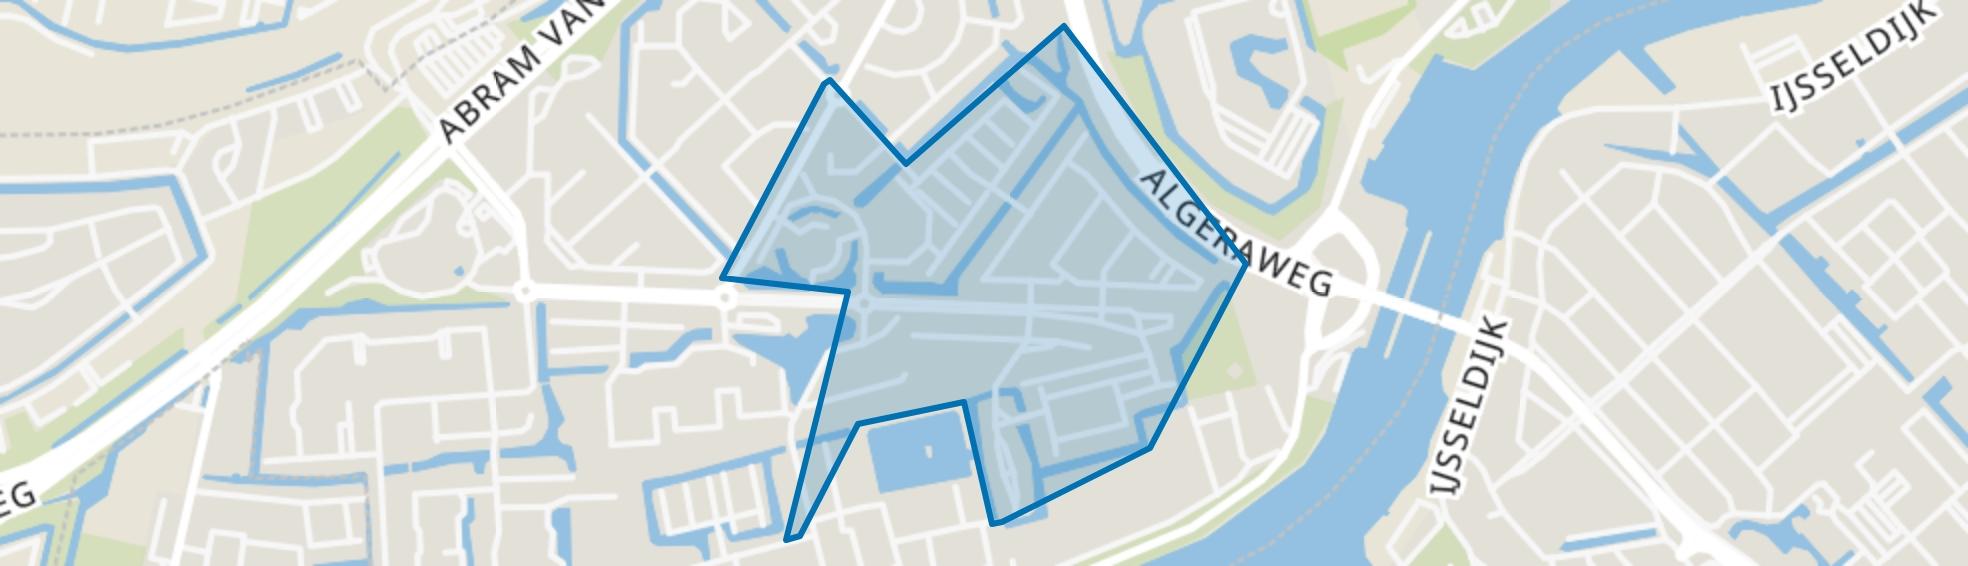 Puccinibuurt, Capelle aan den IJssel map